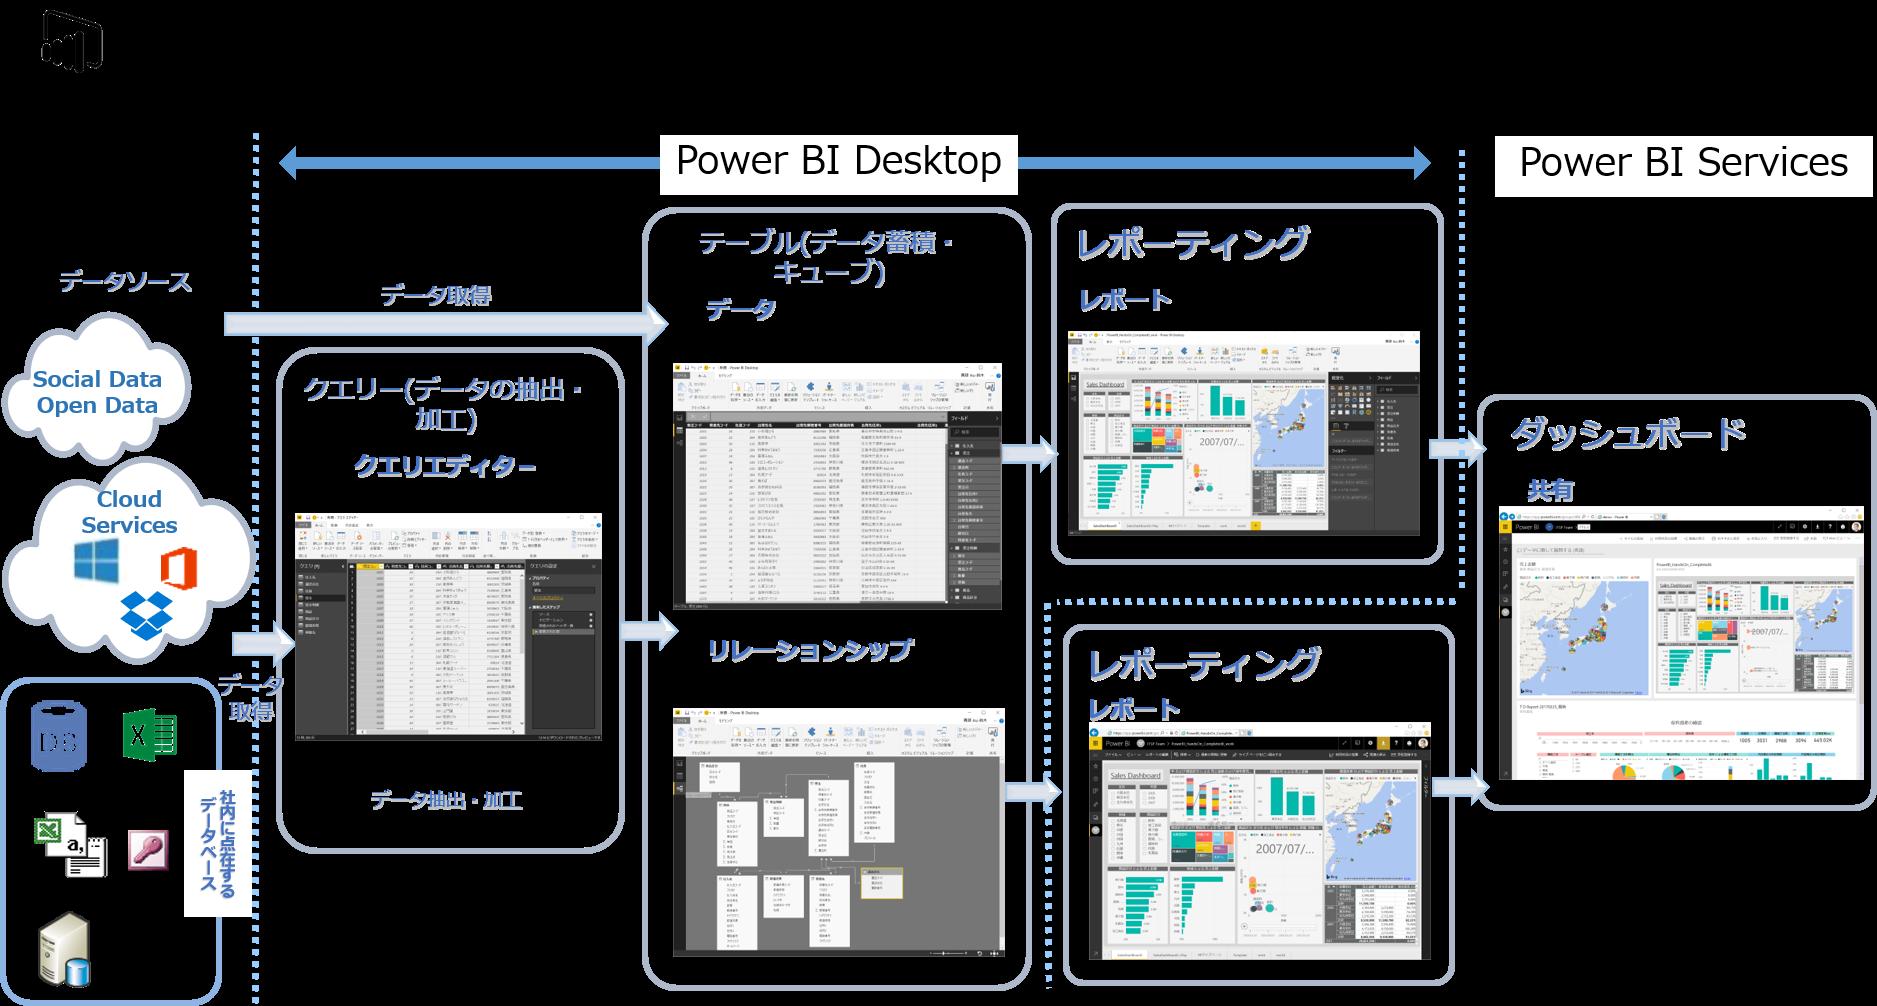 Power_BI_Desktop.png